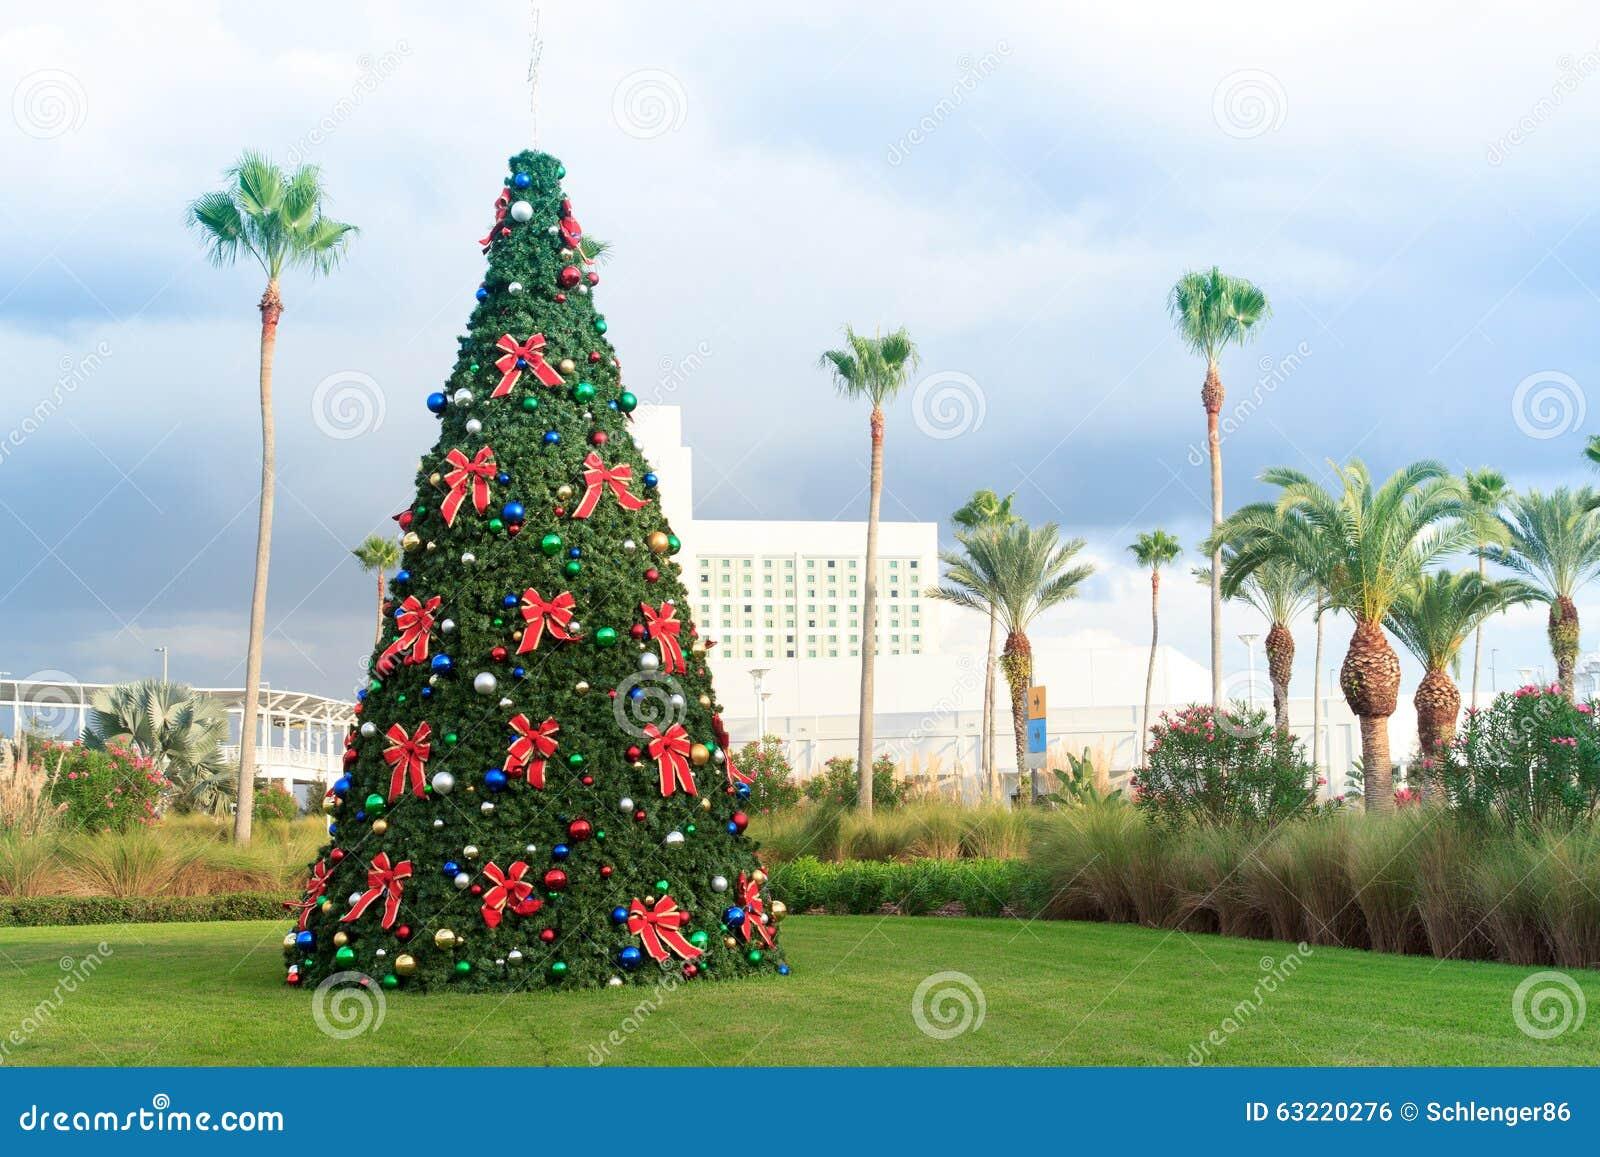 Kerstboom met snuisterijen en palmen in tropisch Florida